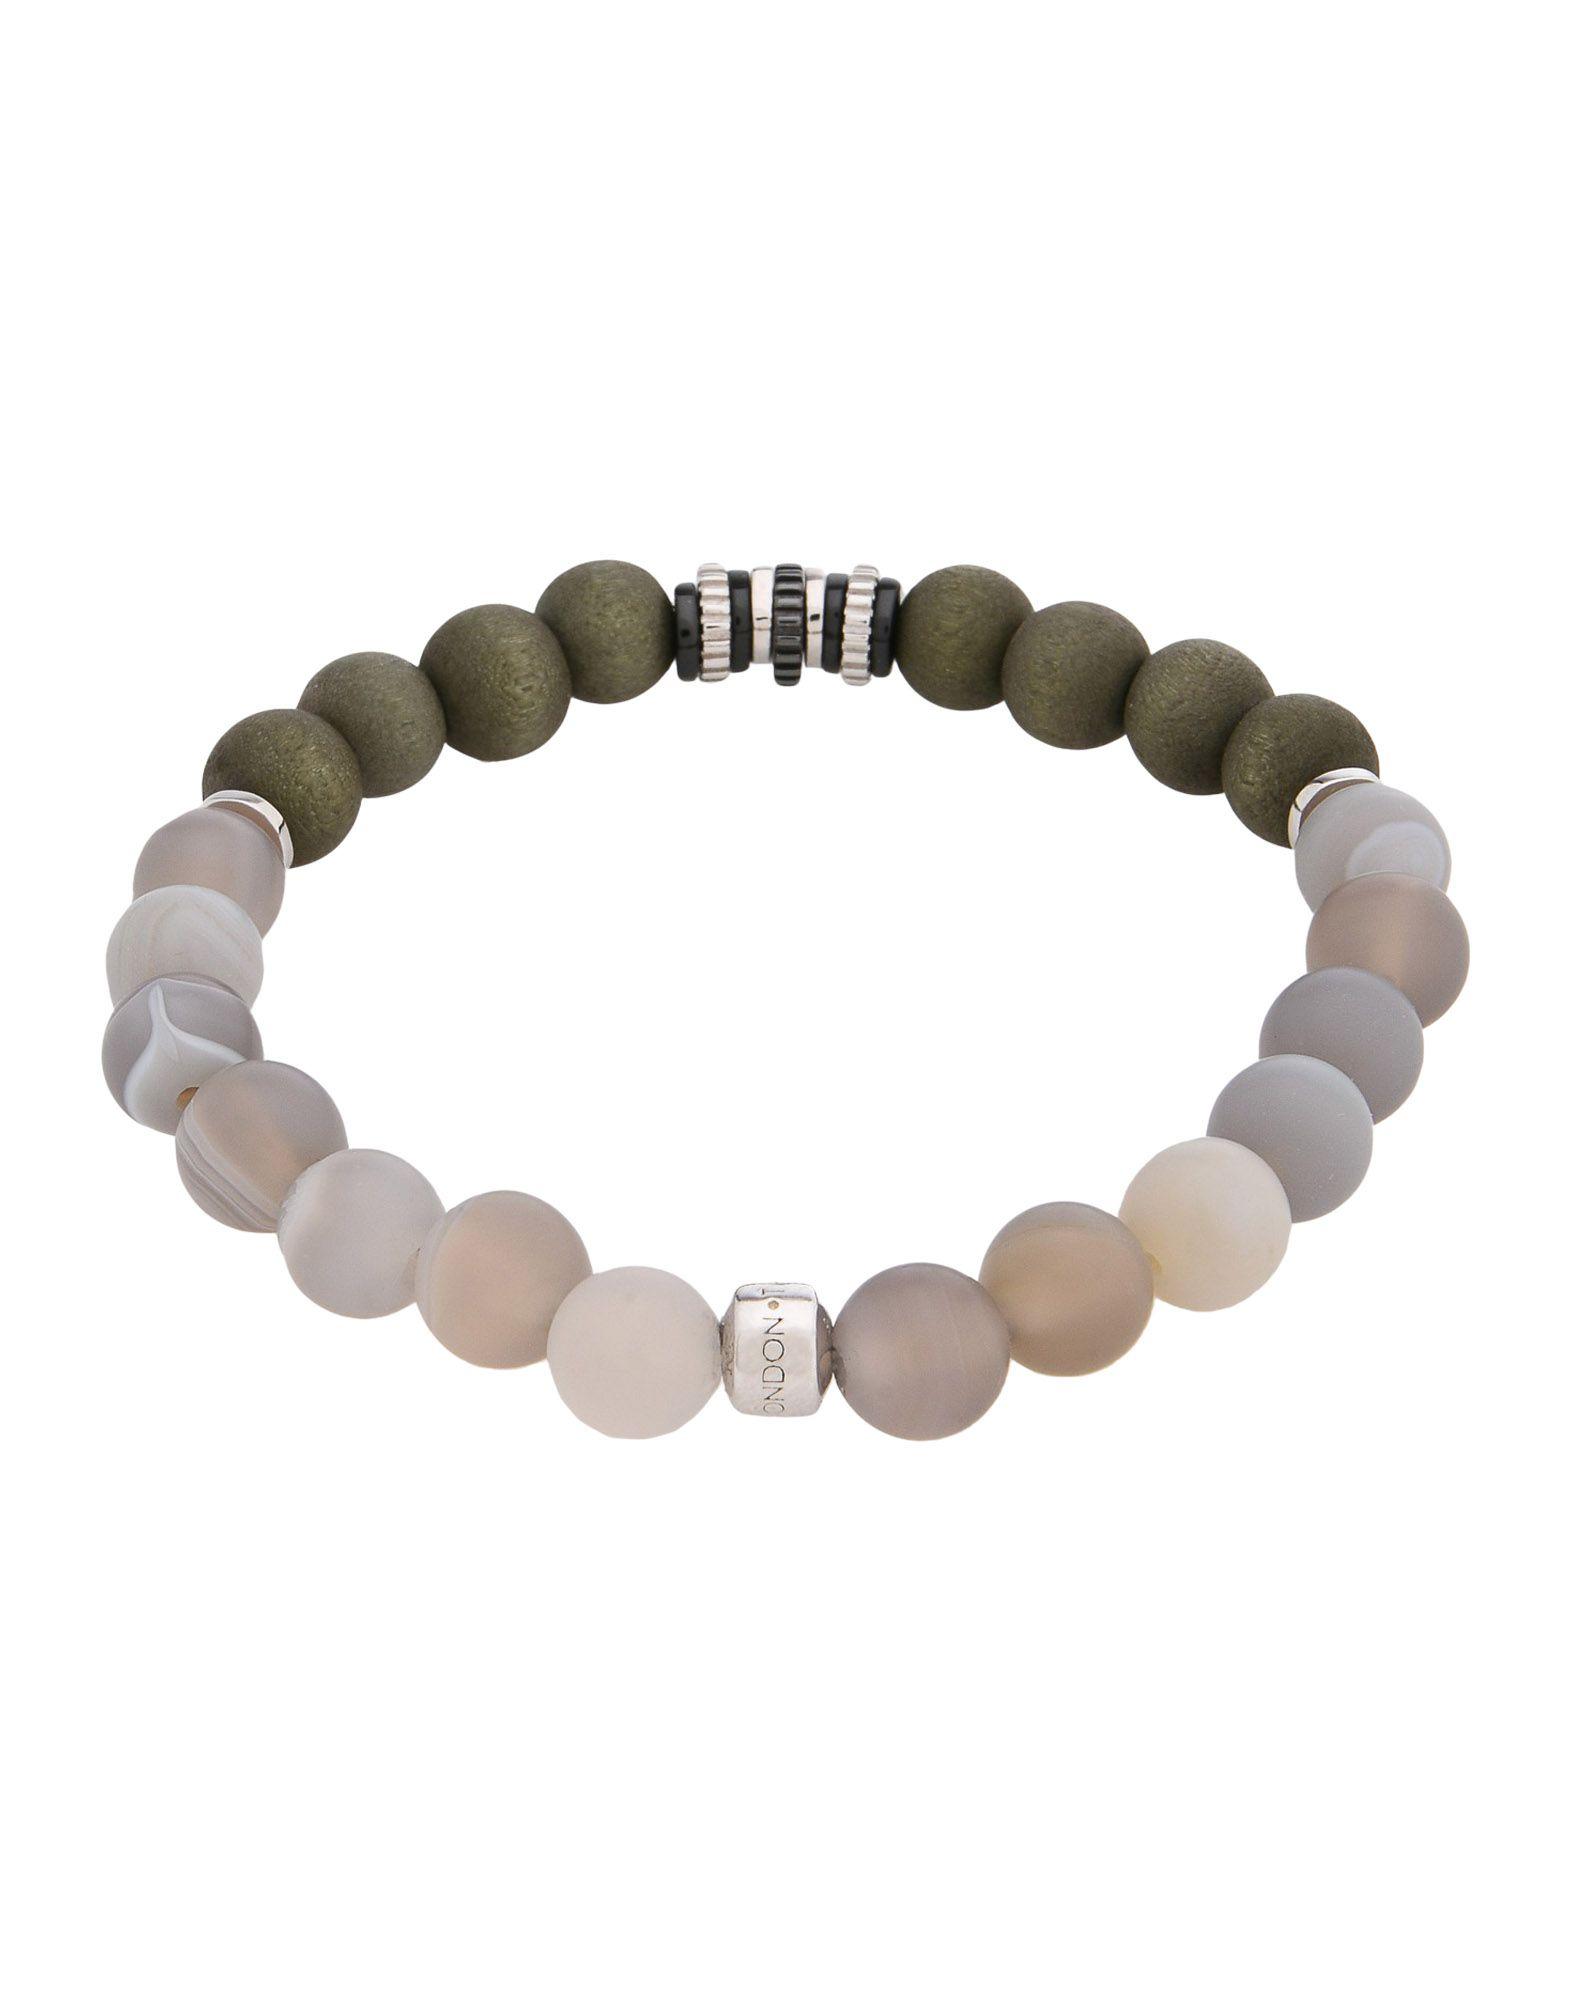 Fendi JEWELRY - Bracelets su YOOX.COM 25U5Rk